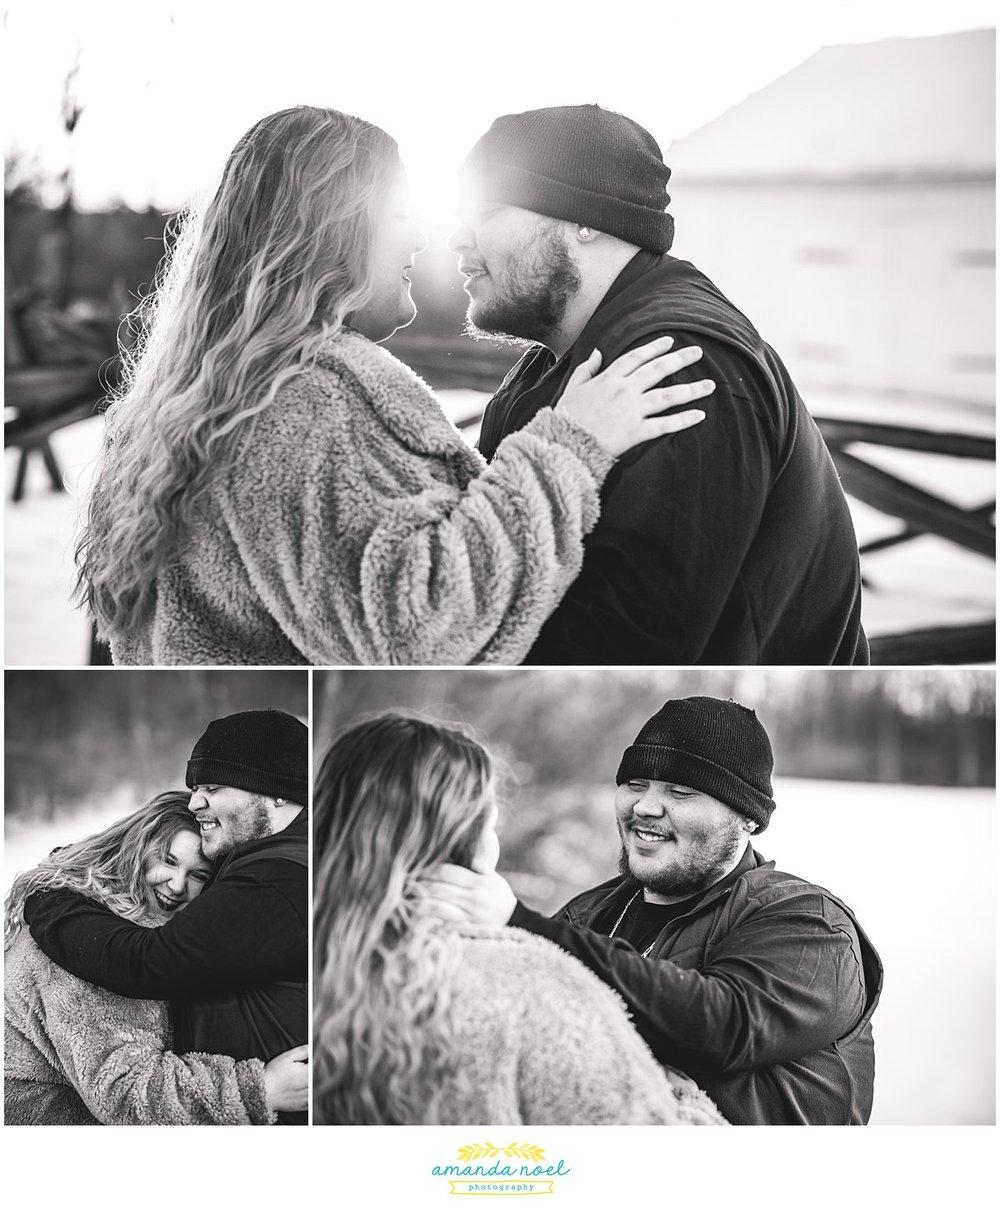 Dayton Ohio Wedding Photographer | sunrise snowy engagement session in black and white